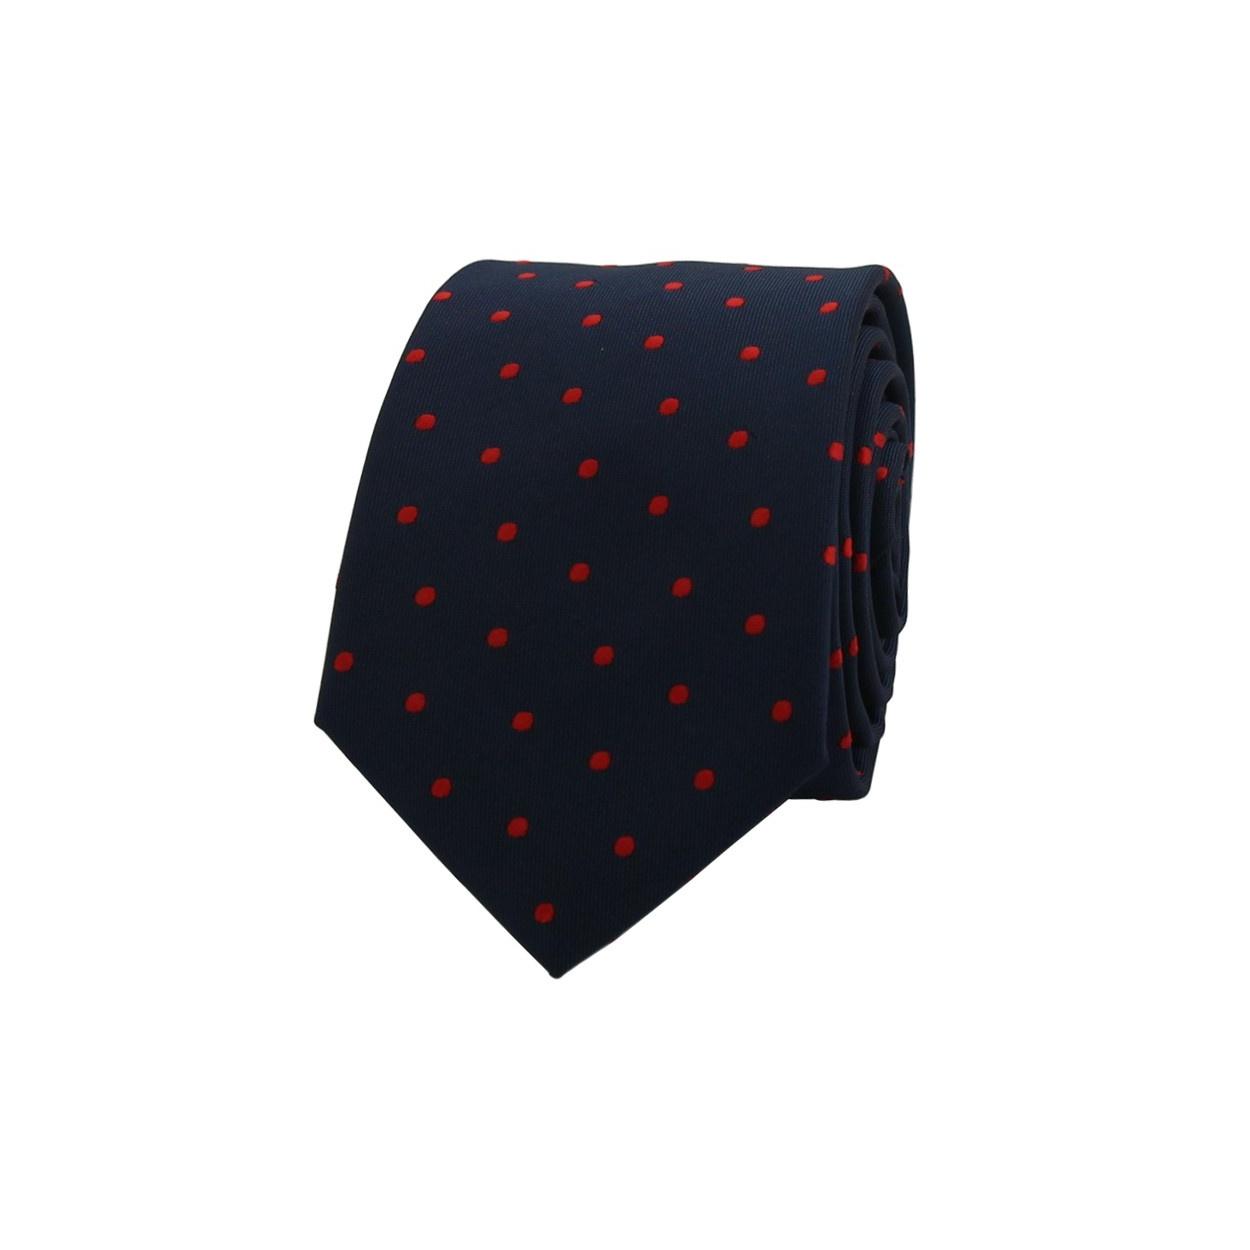 93153b1b297 Vzorované pánské kravaty